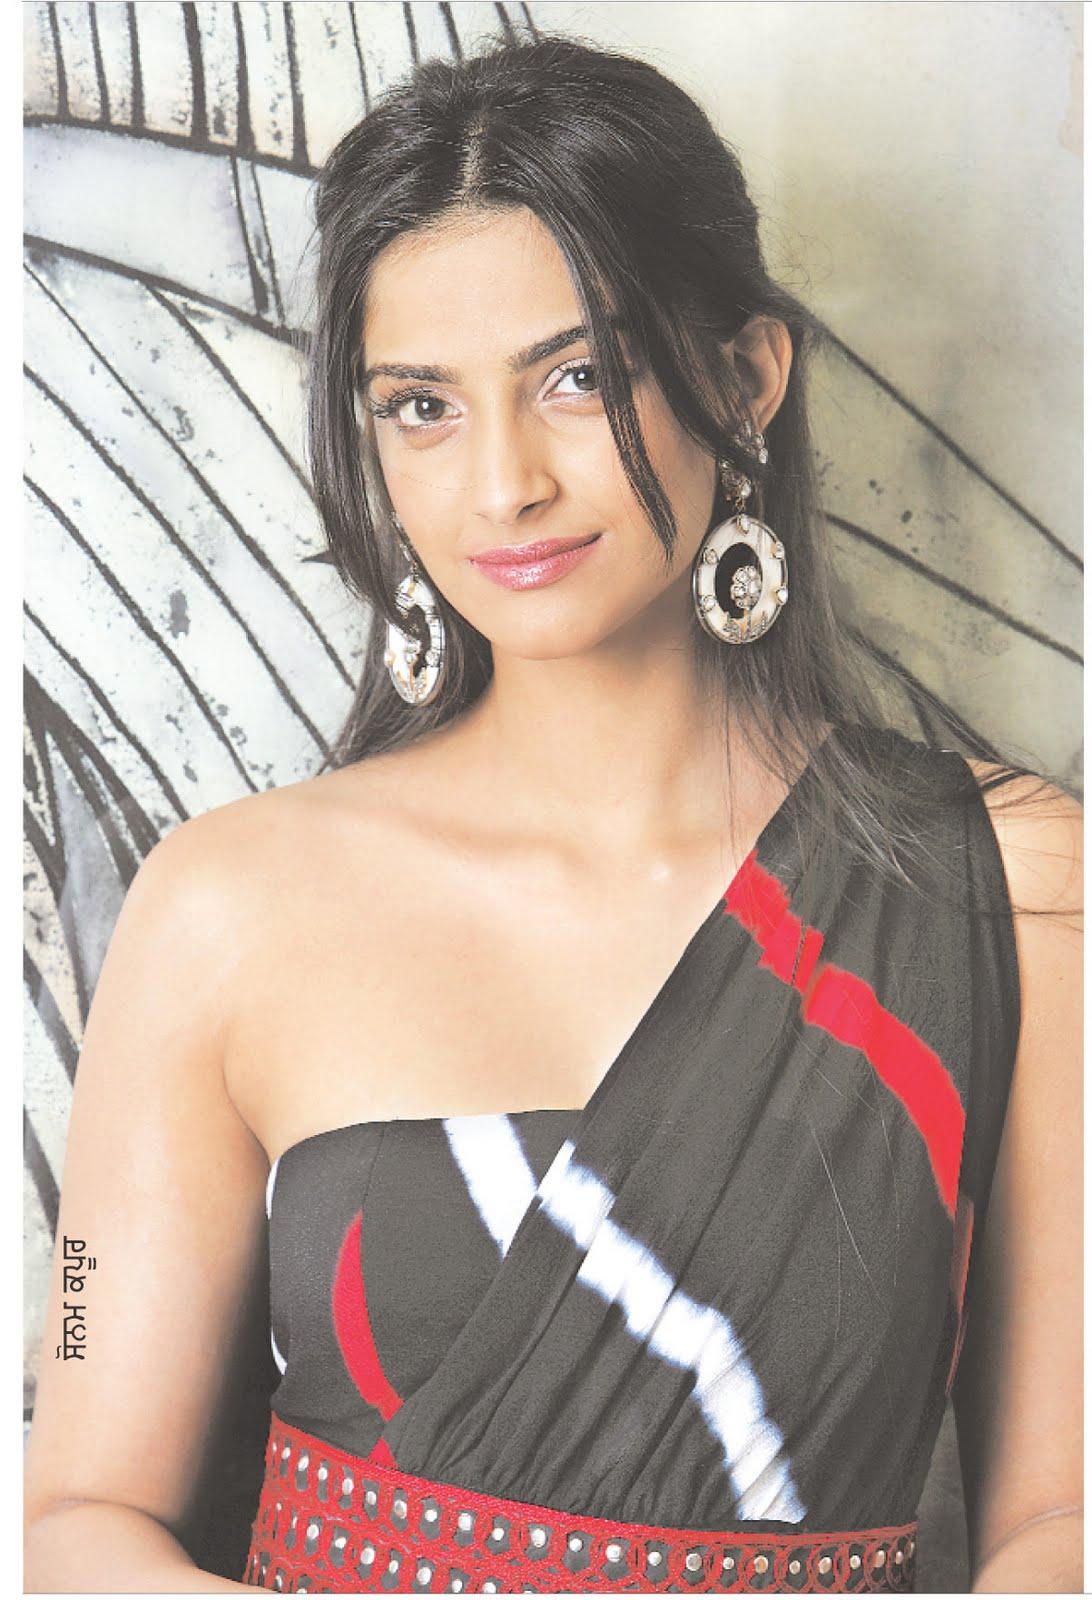 indian actress hot pics,indian actress hot videos,watch